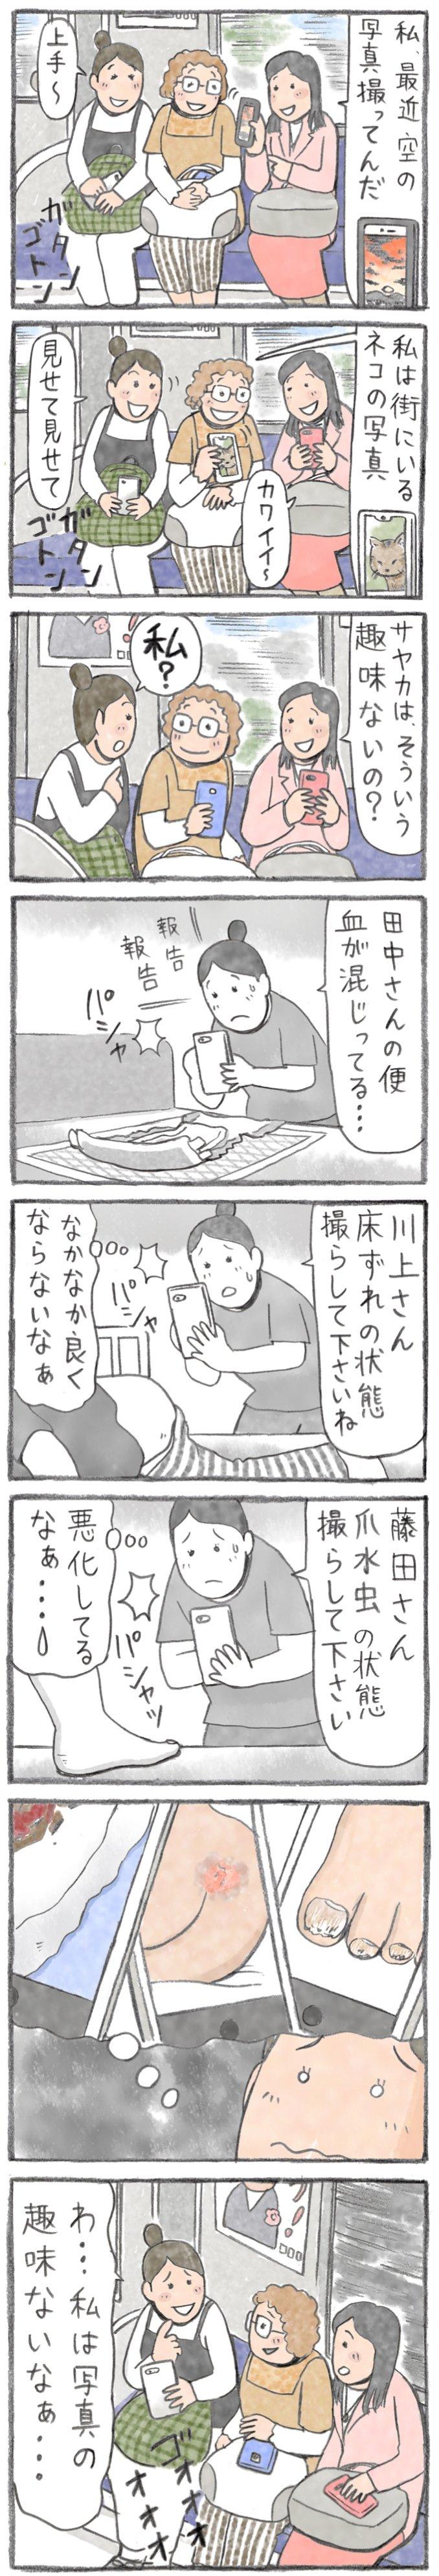 comictohoho_20201127_01.jpg